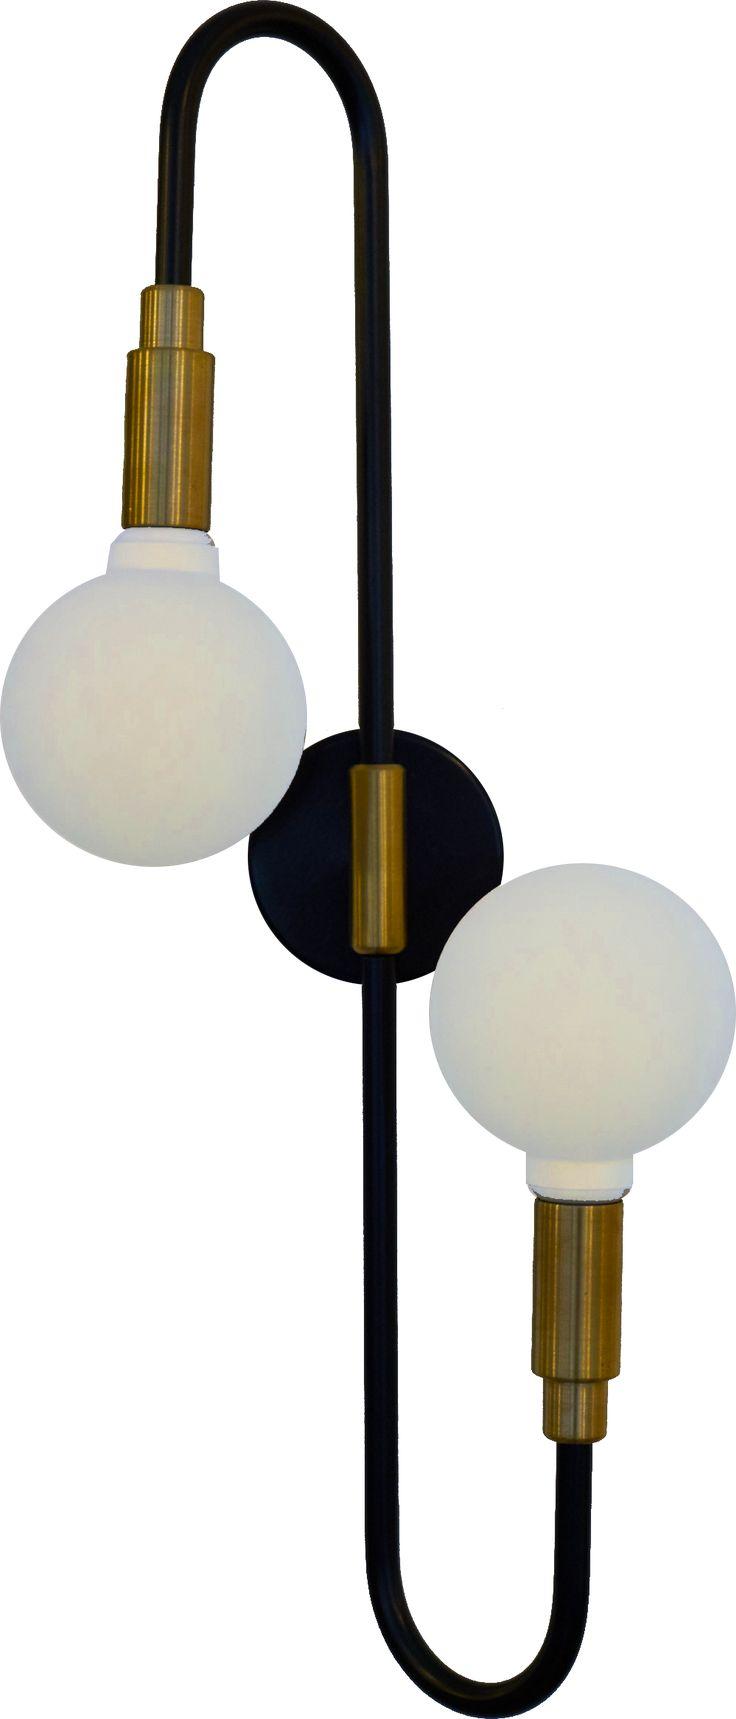 Acier cintré, laqué noir. 2 cache douilles en laiton massif. Éclairage par 2 globes en verre mat renfermant une ampoule g9 de 40 ou 60 W.